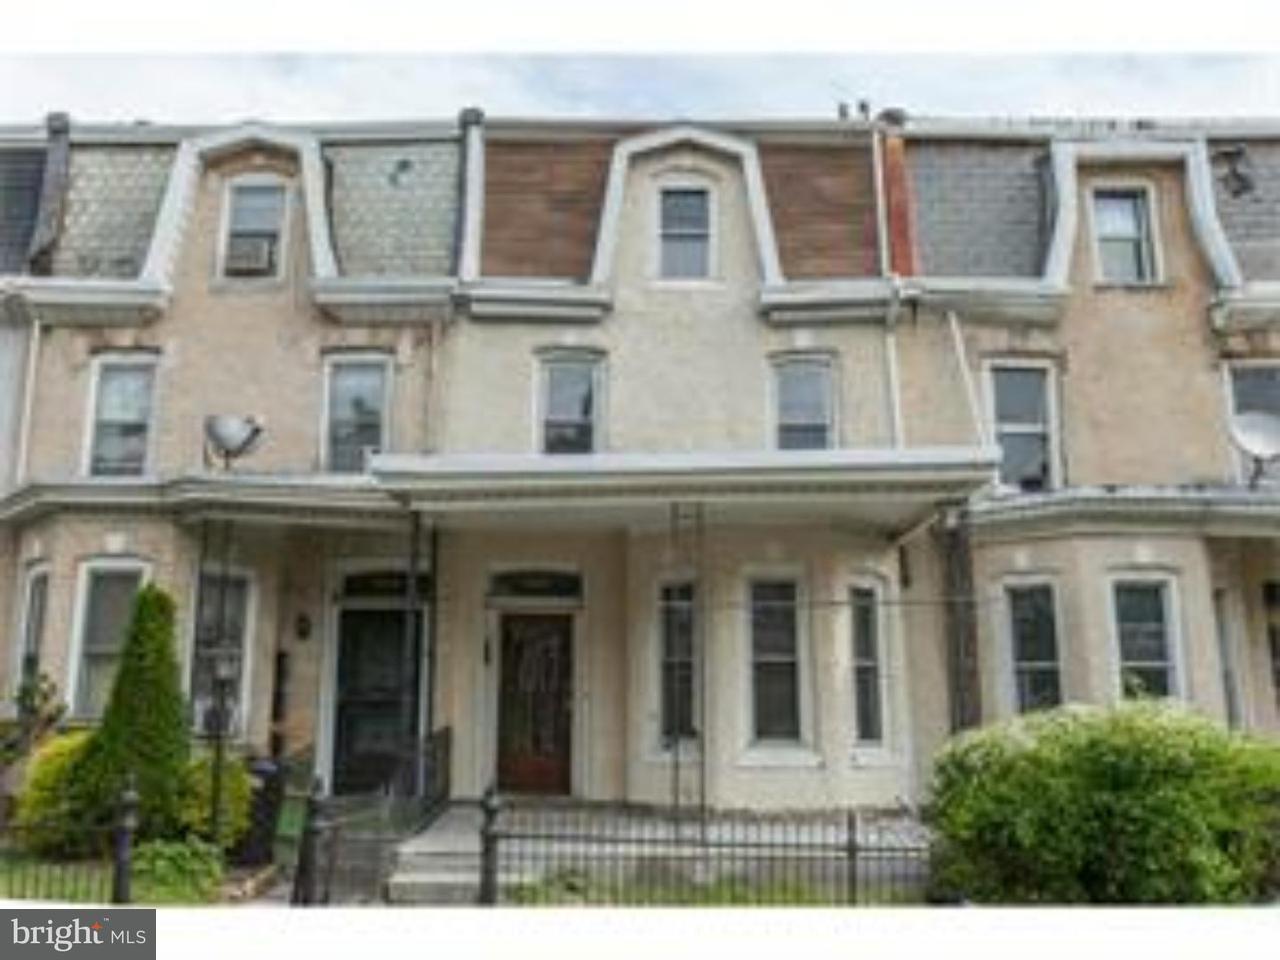 5607  Baynton Philadelphia, PA 19144